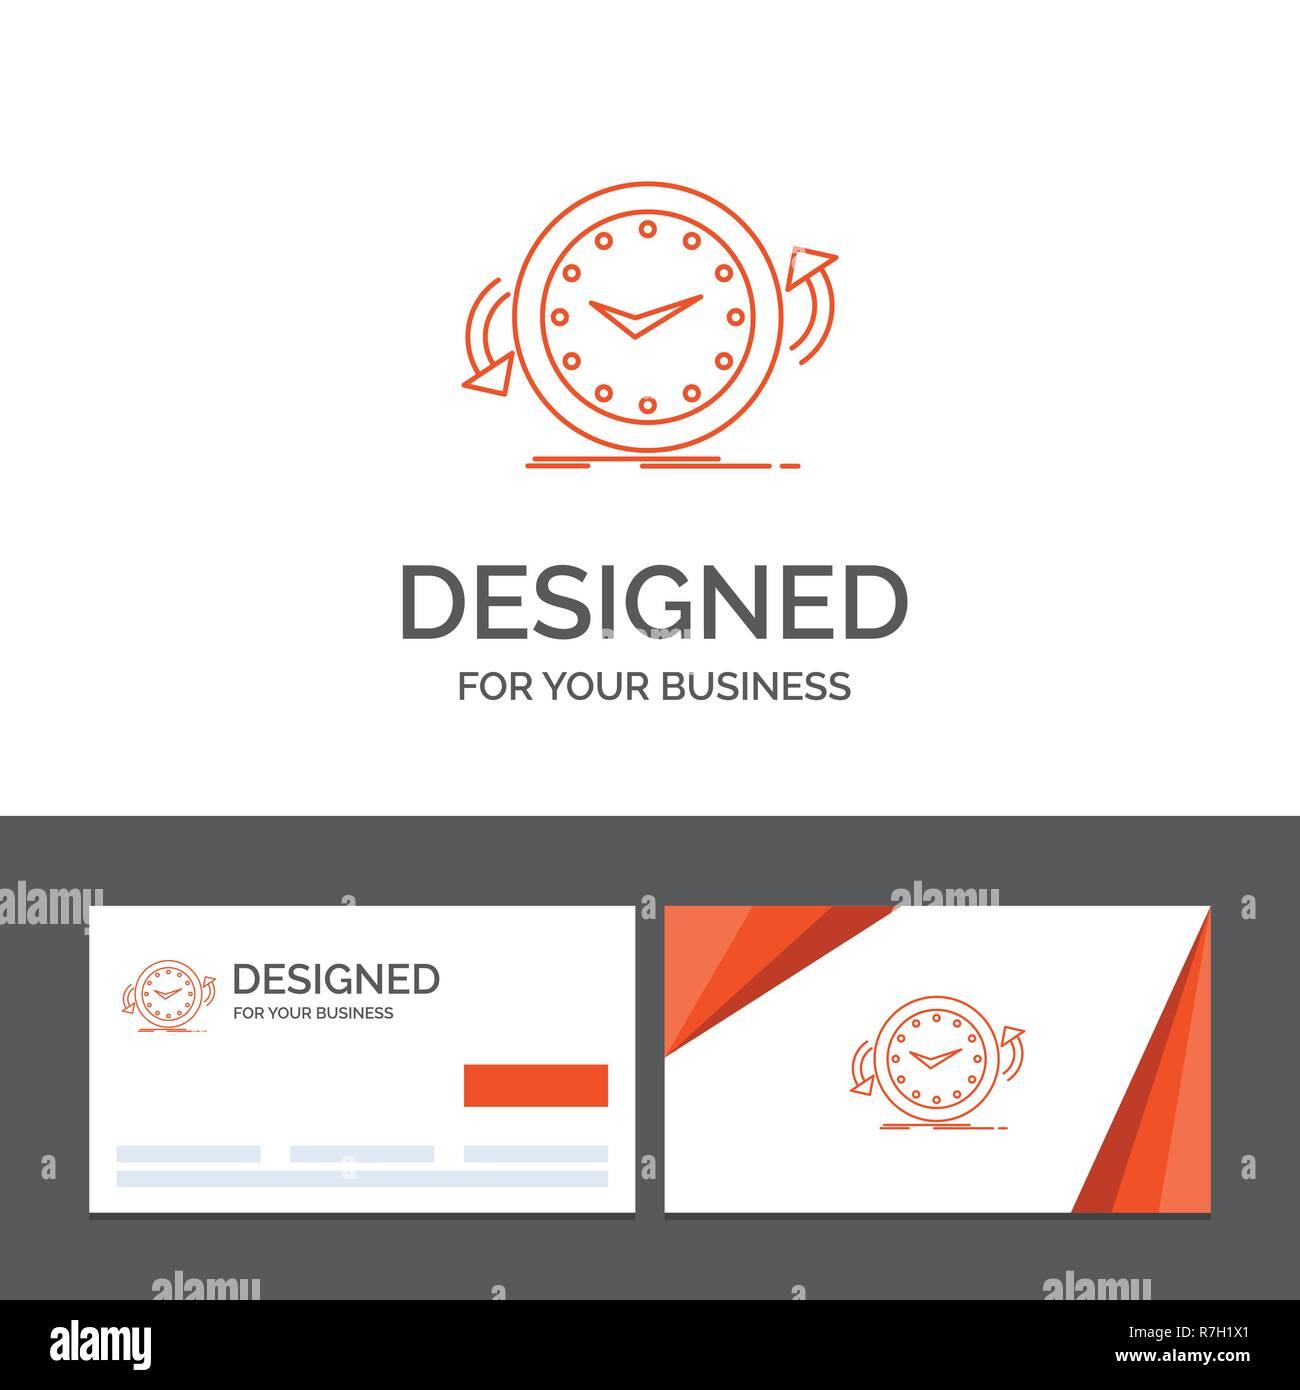 ad02c9b21428d Modèle de logo d'entreprise pour la sauvegarde, l'horloge, dans le sens  horaire, compteur, le temps. Cartes de visite orange avec logo marque  template